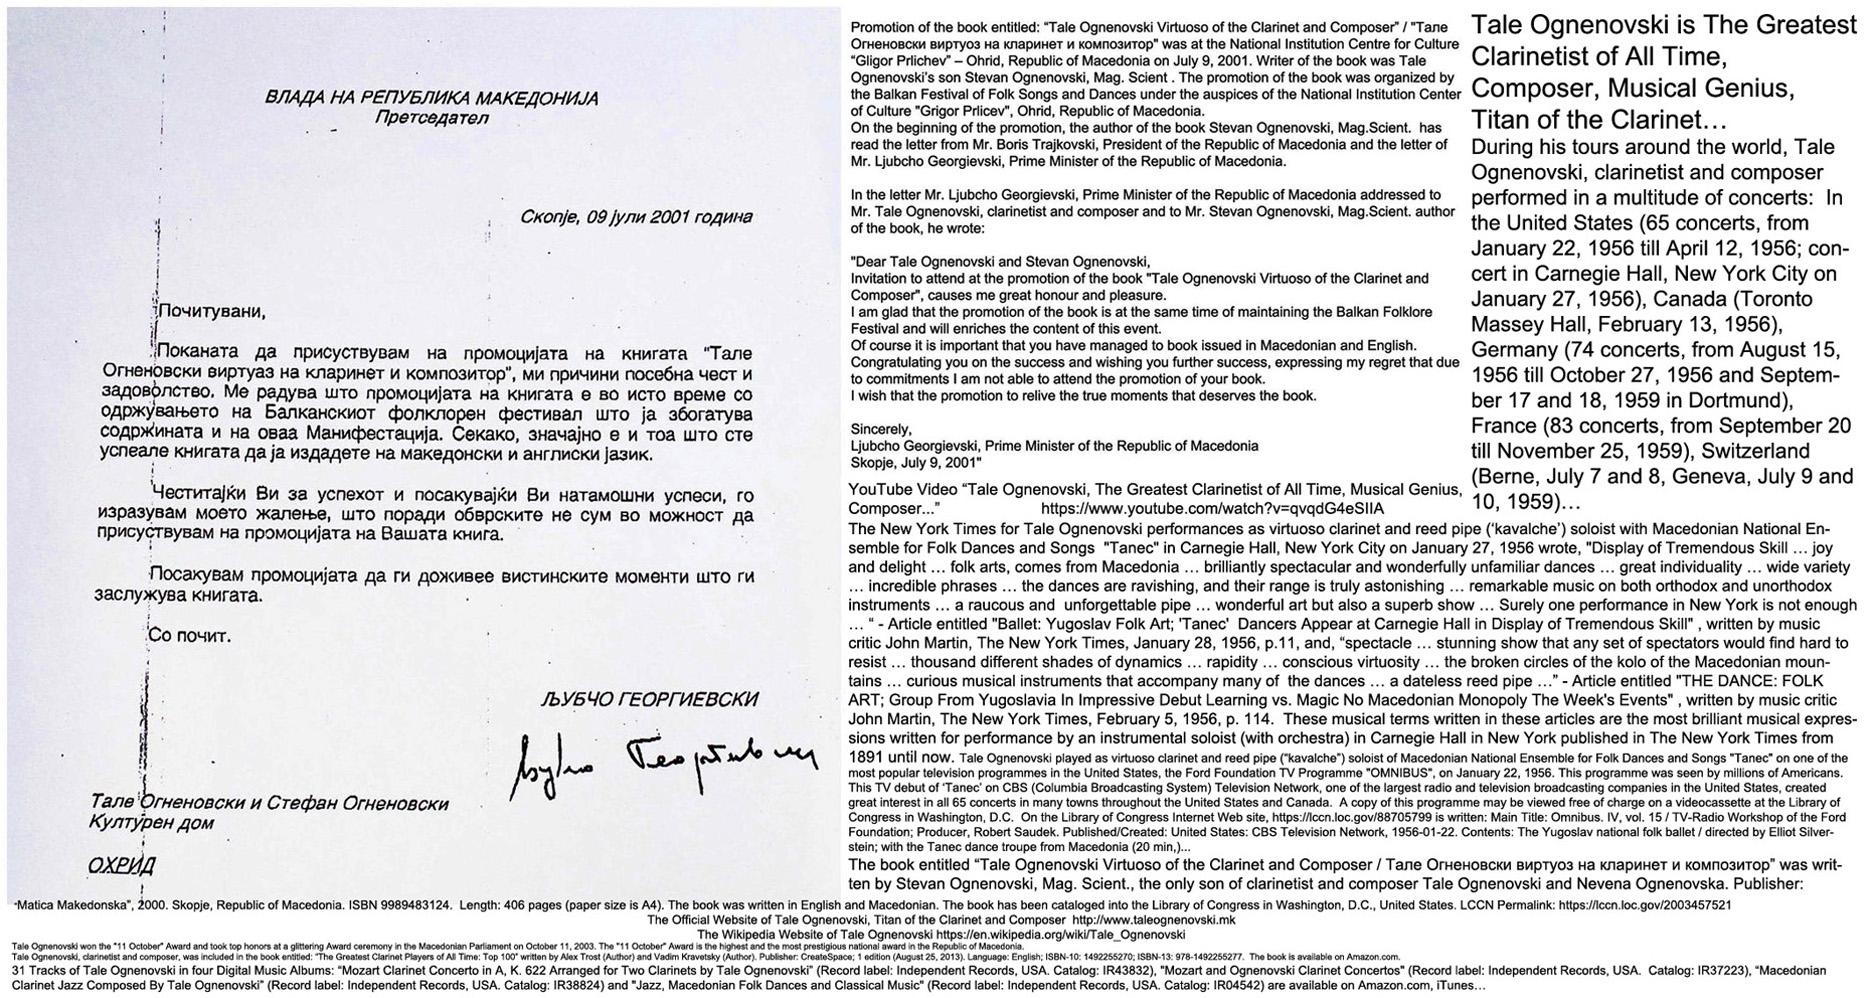 CV Of Stevan Ognenovski Mag Scient Magister Scientiarum Magister